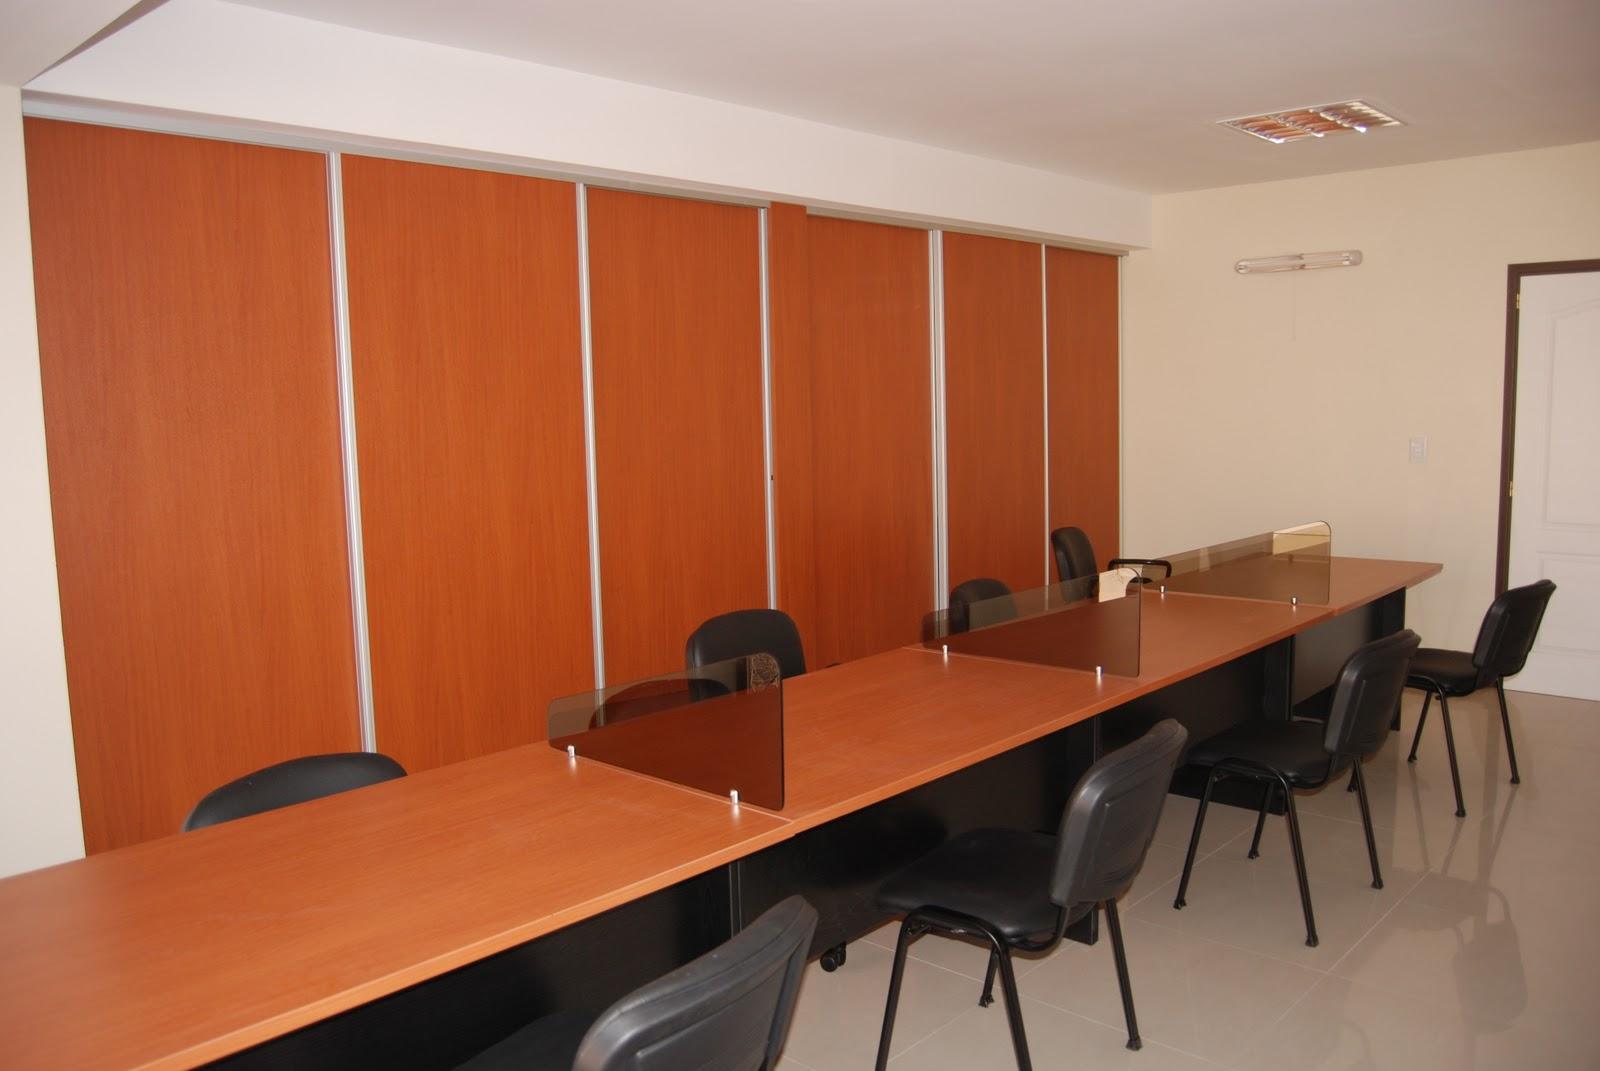 Ensamble oficinas y comercios for Muebles de oficina la plata calle 57